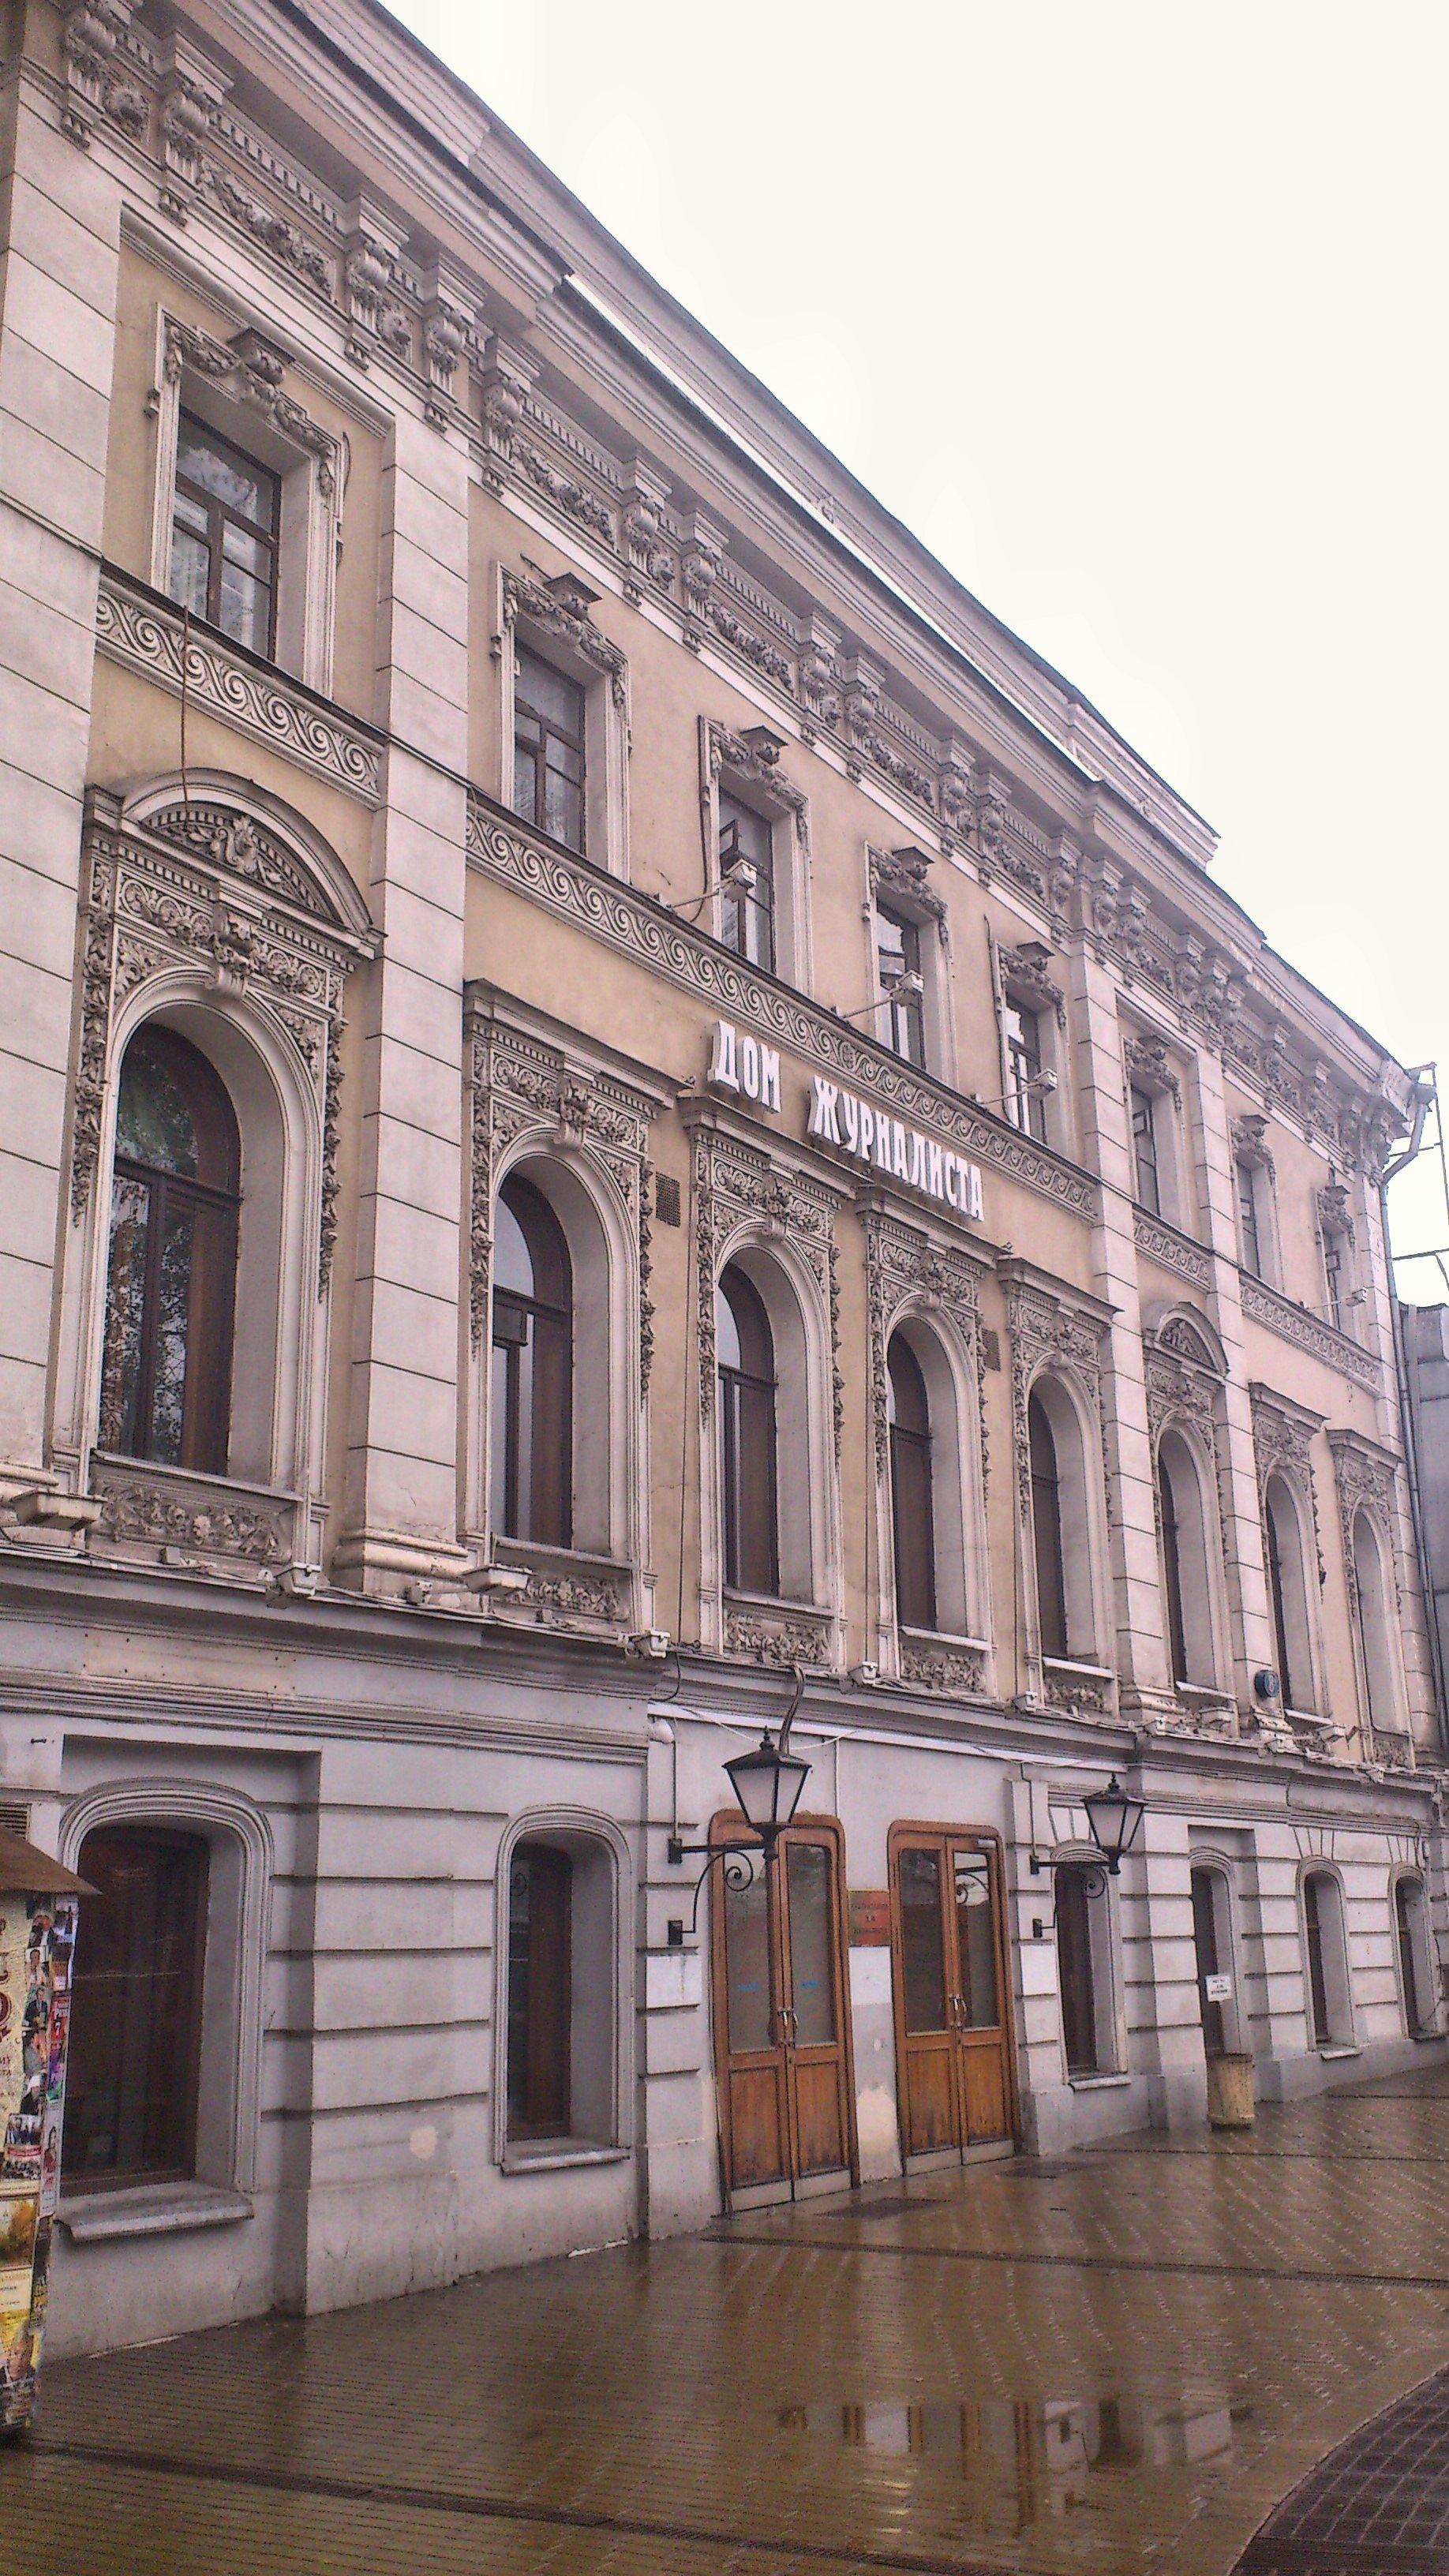 Дом печати москва клуб ночной клуб отдых новосибирск официальный сайт